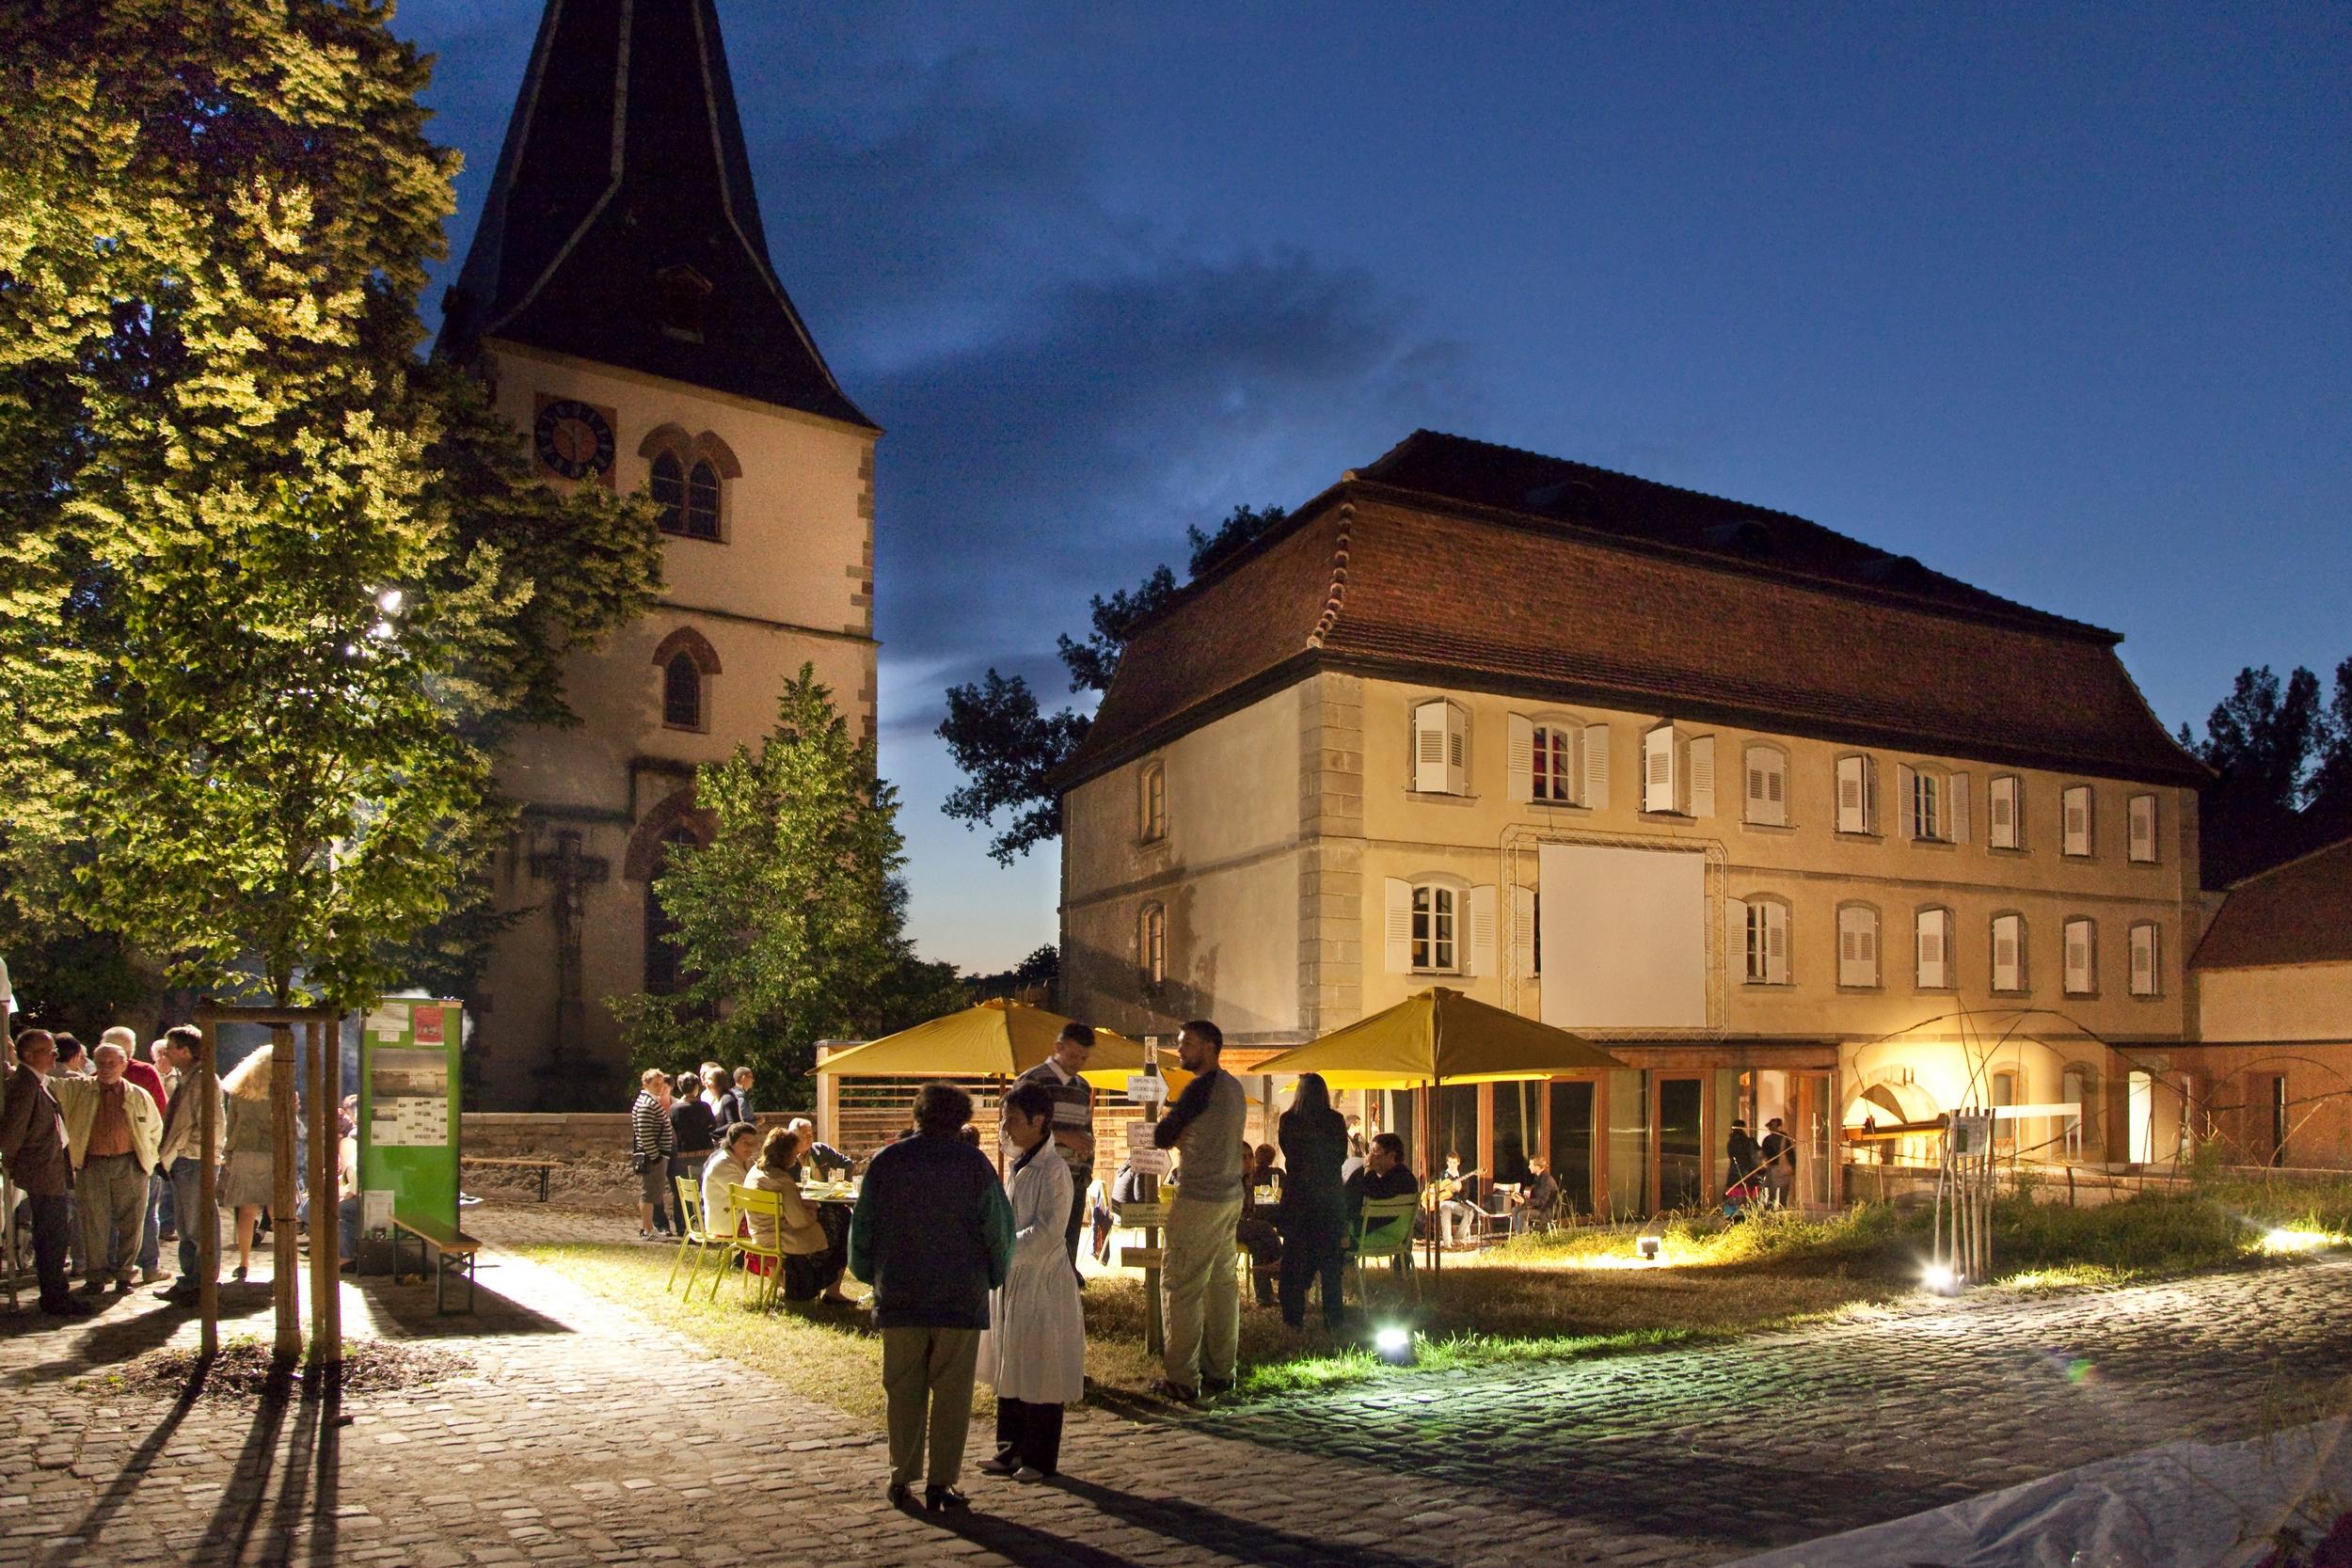 Festival des paysages à Lorentzen